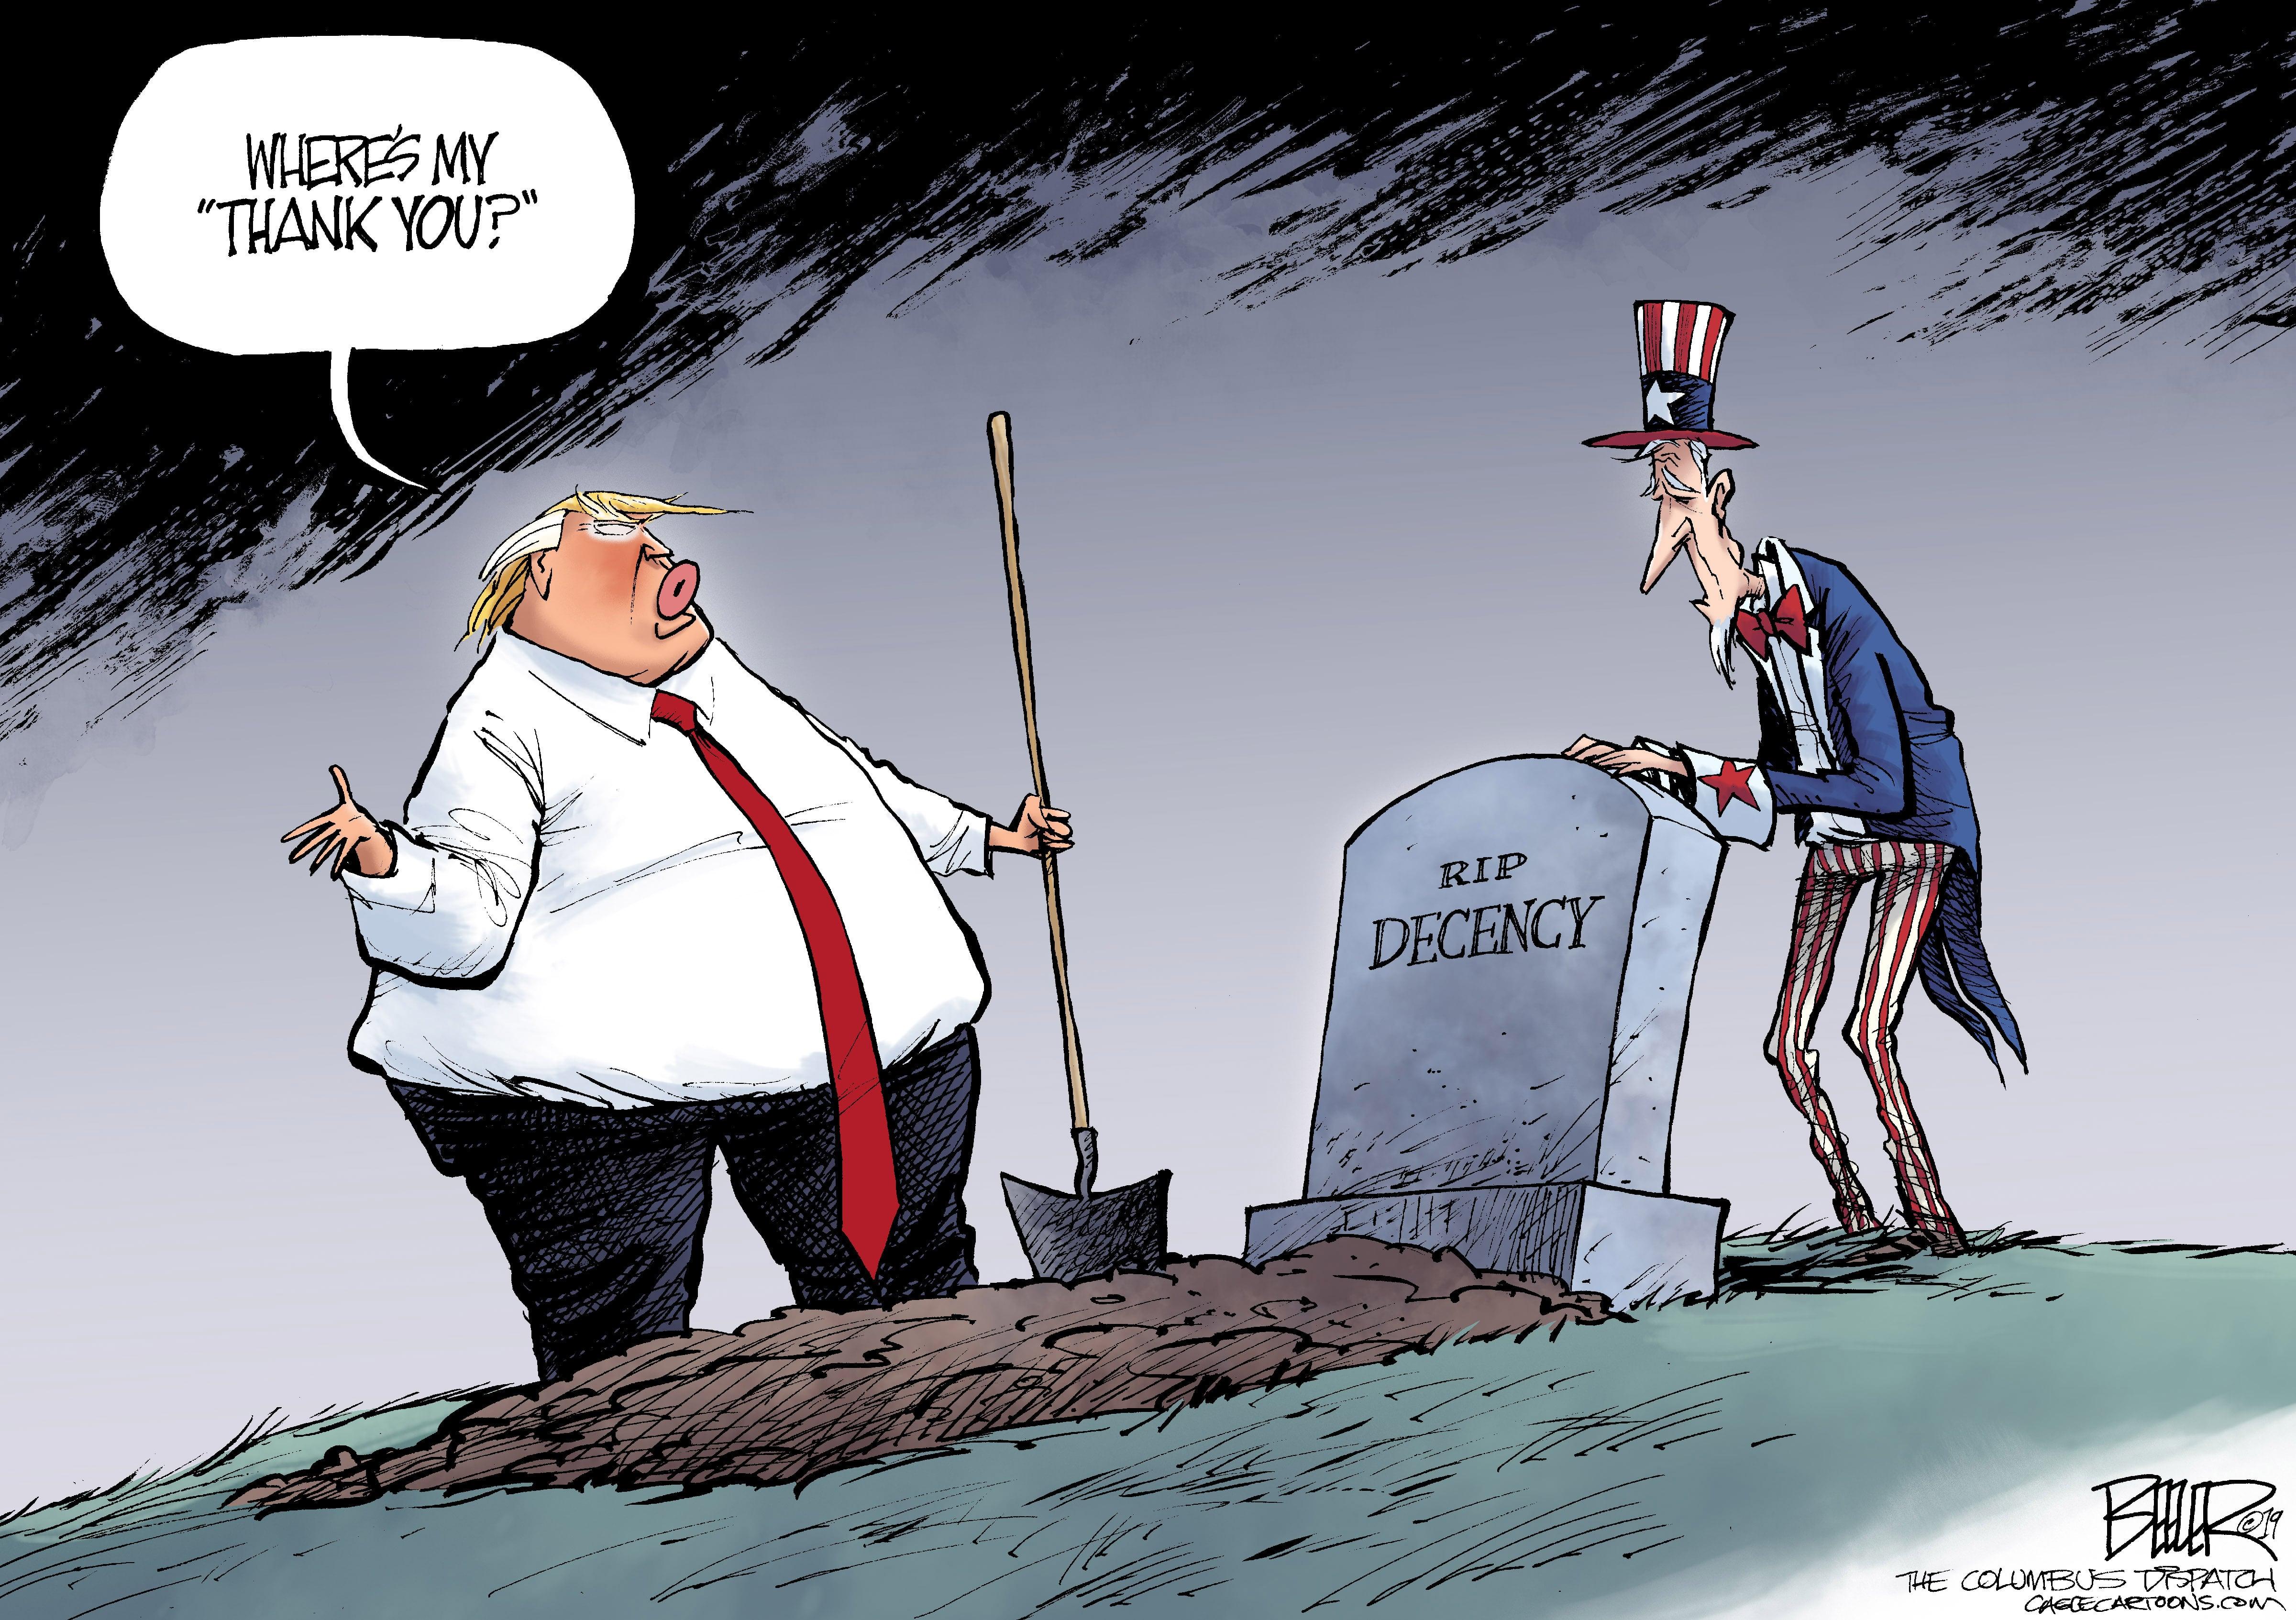 March 23: Trump And Decency